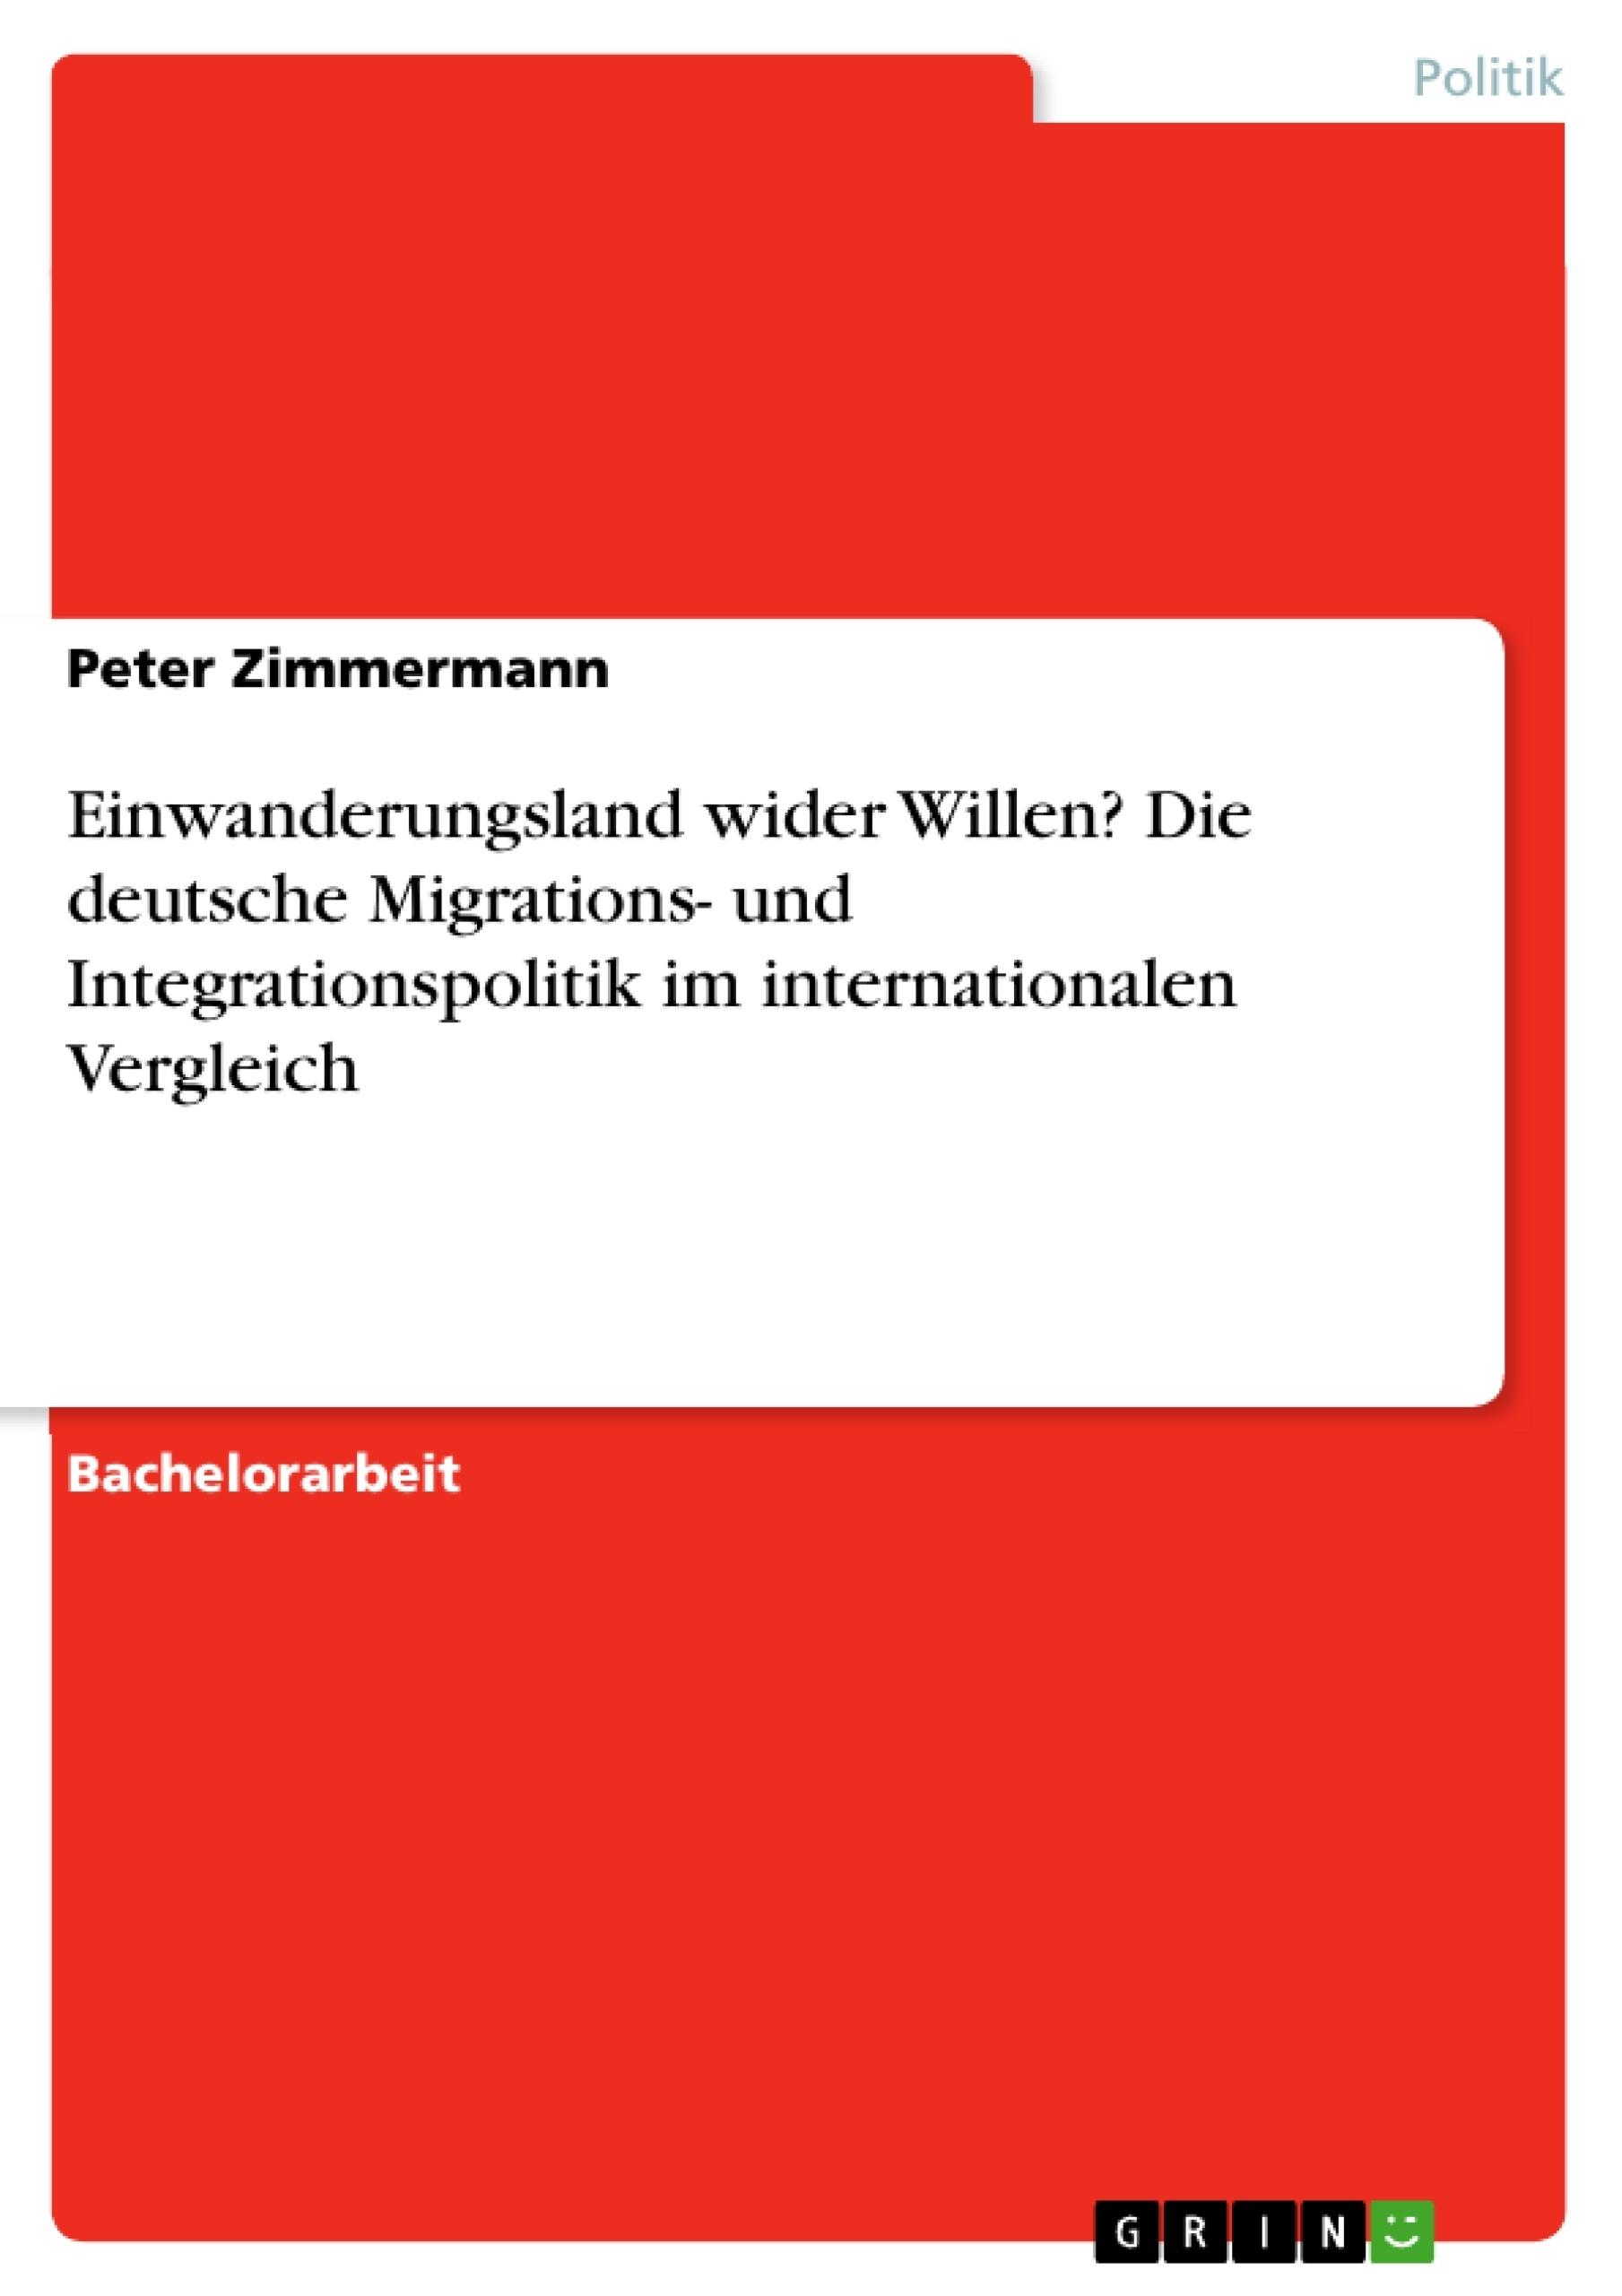 Titel: Einwanderungsland wider Willen? Die deutsche Migrations- und Integrationspolitik im internationalen Vergleich